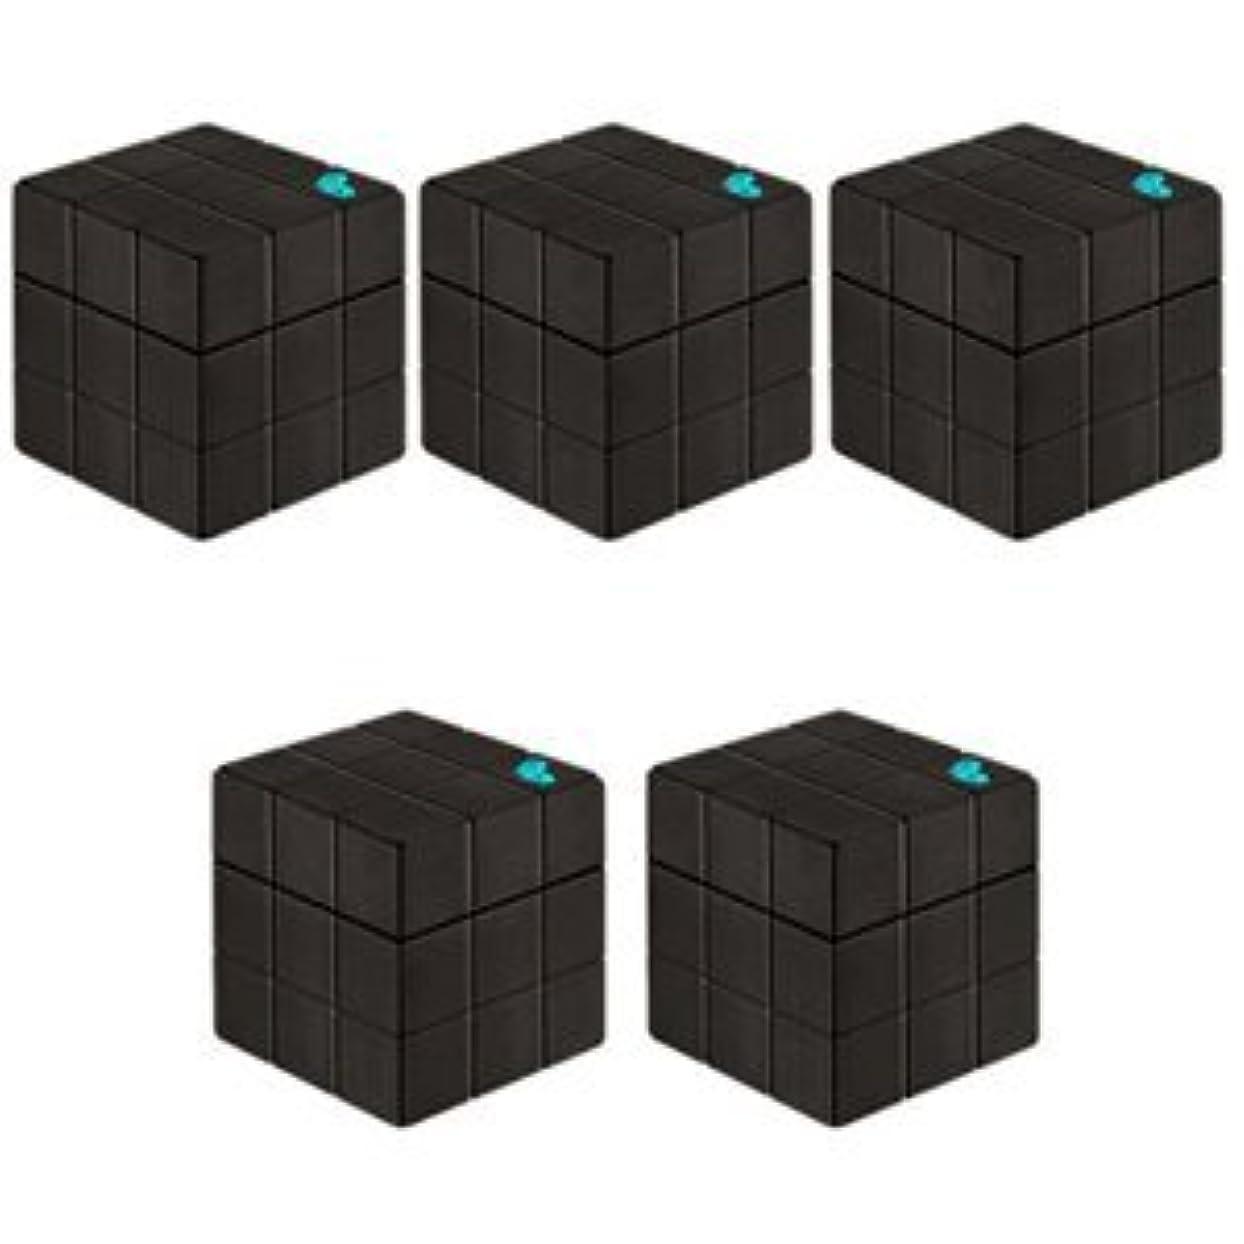 カロリー折る何でも【X5個セット】 アリミノ ピース プロデザインシリーズ フリーズキープワックス ブラック 80g ARIMINO